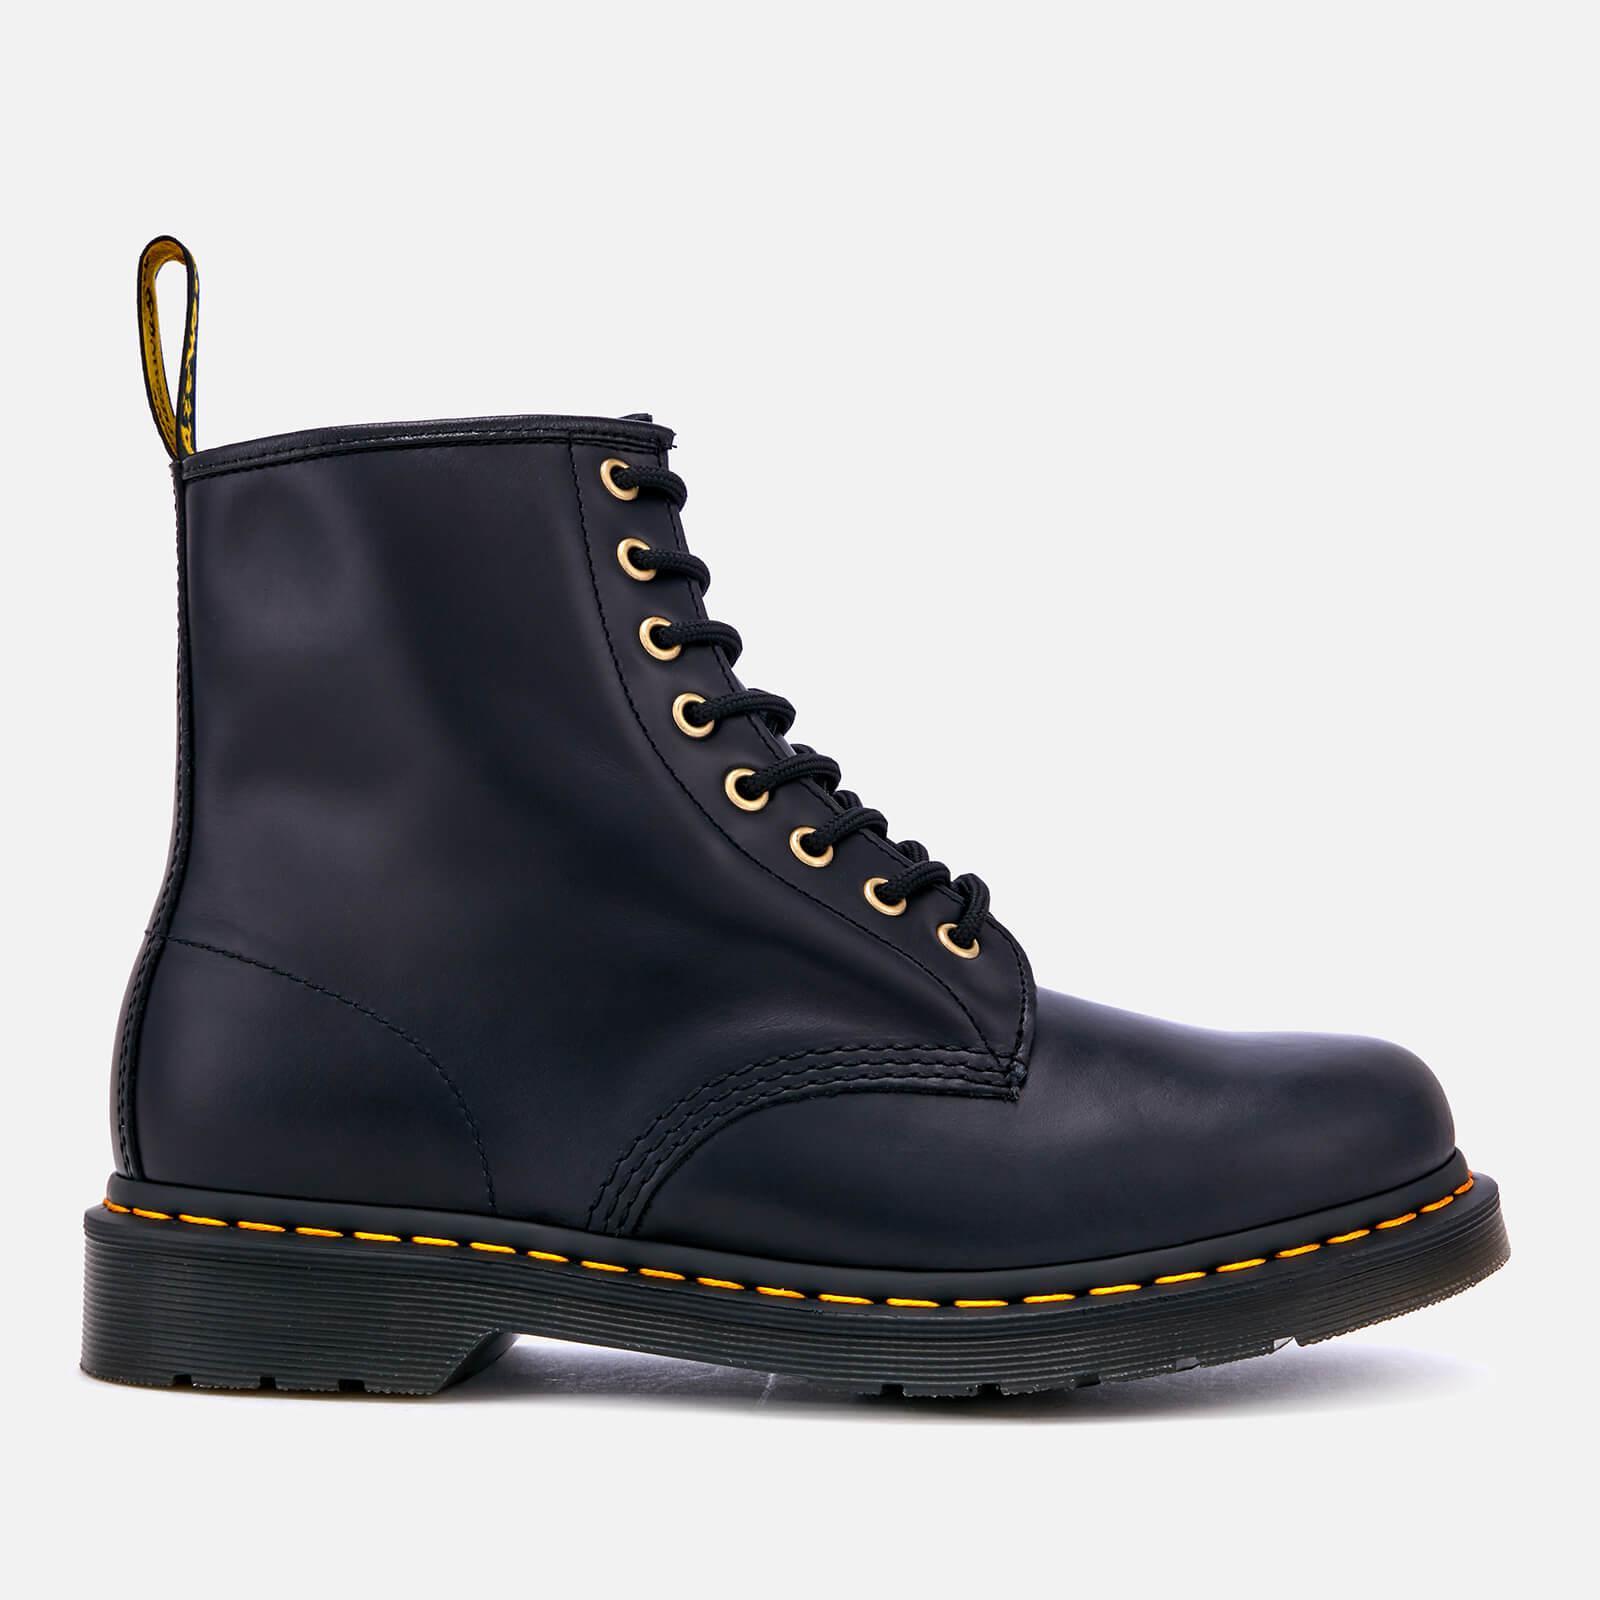 Dr. Martens Men's 1460 Aqua Glide Leather 8-Eye Boots - Dm - UK 7